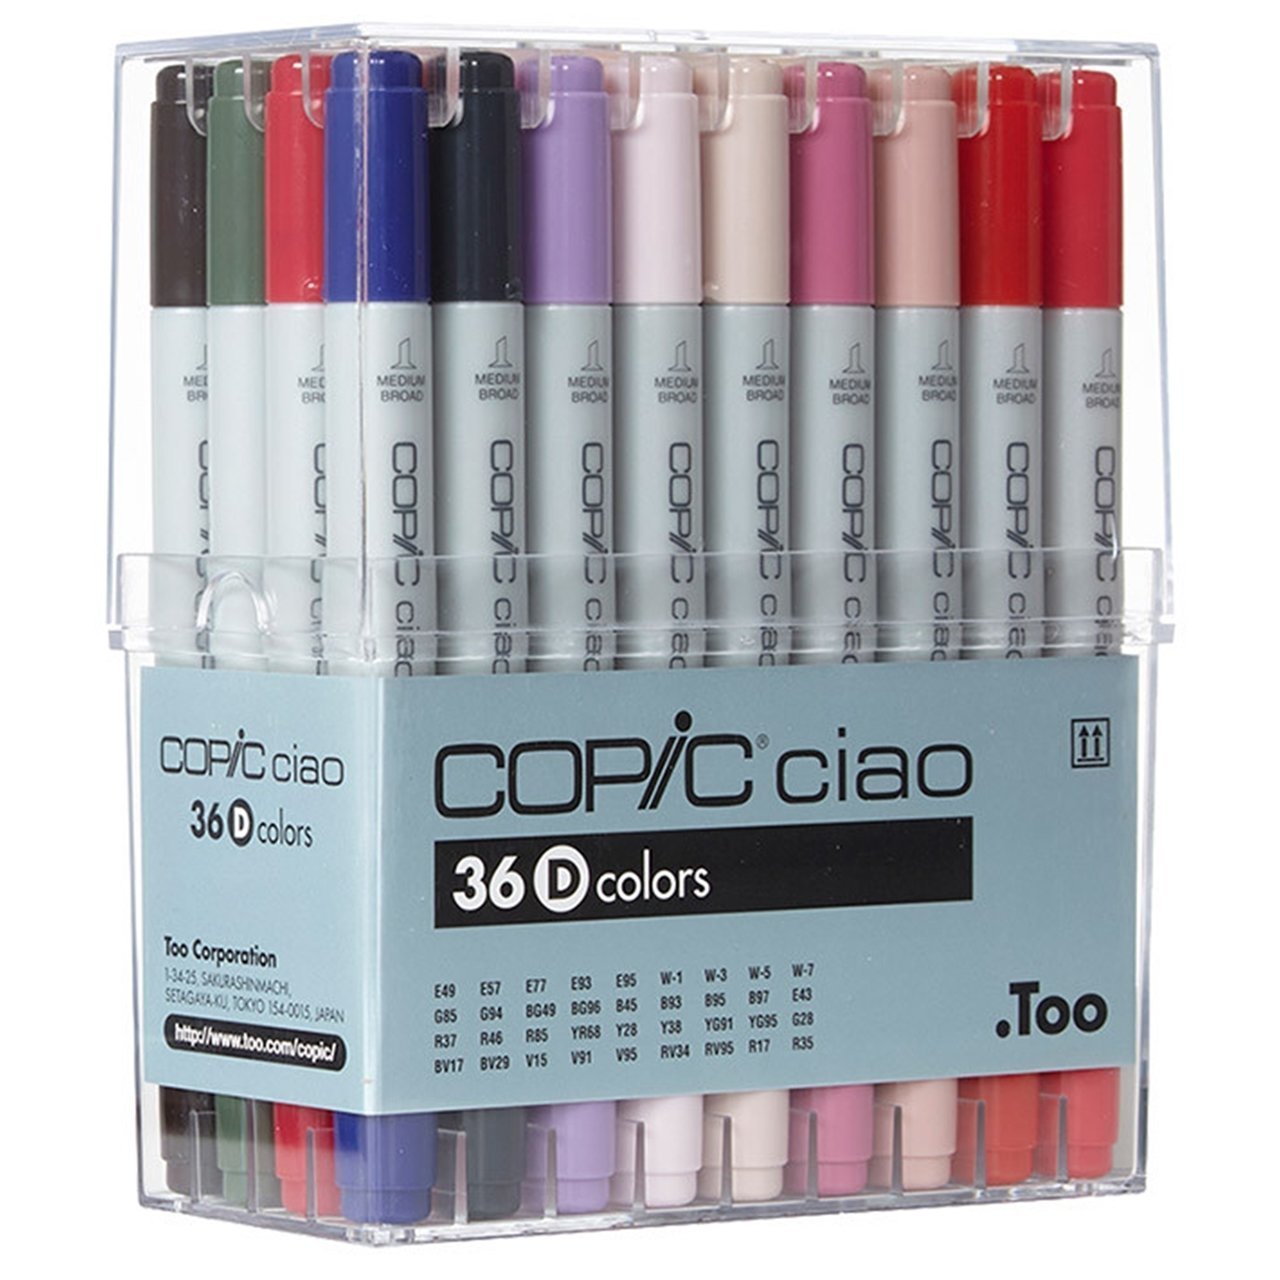 COPIC Ciao 36D set